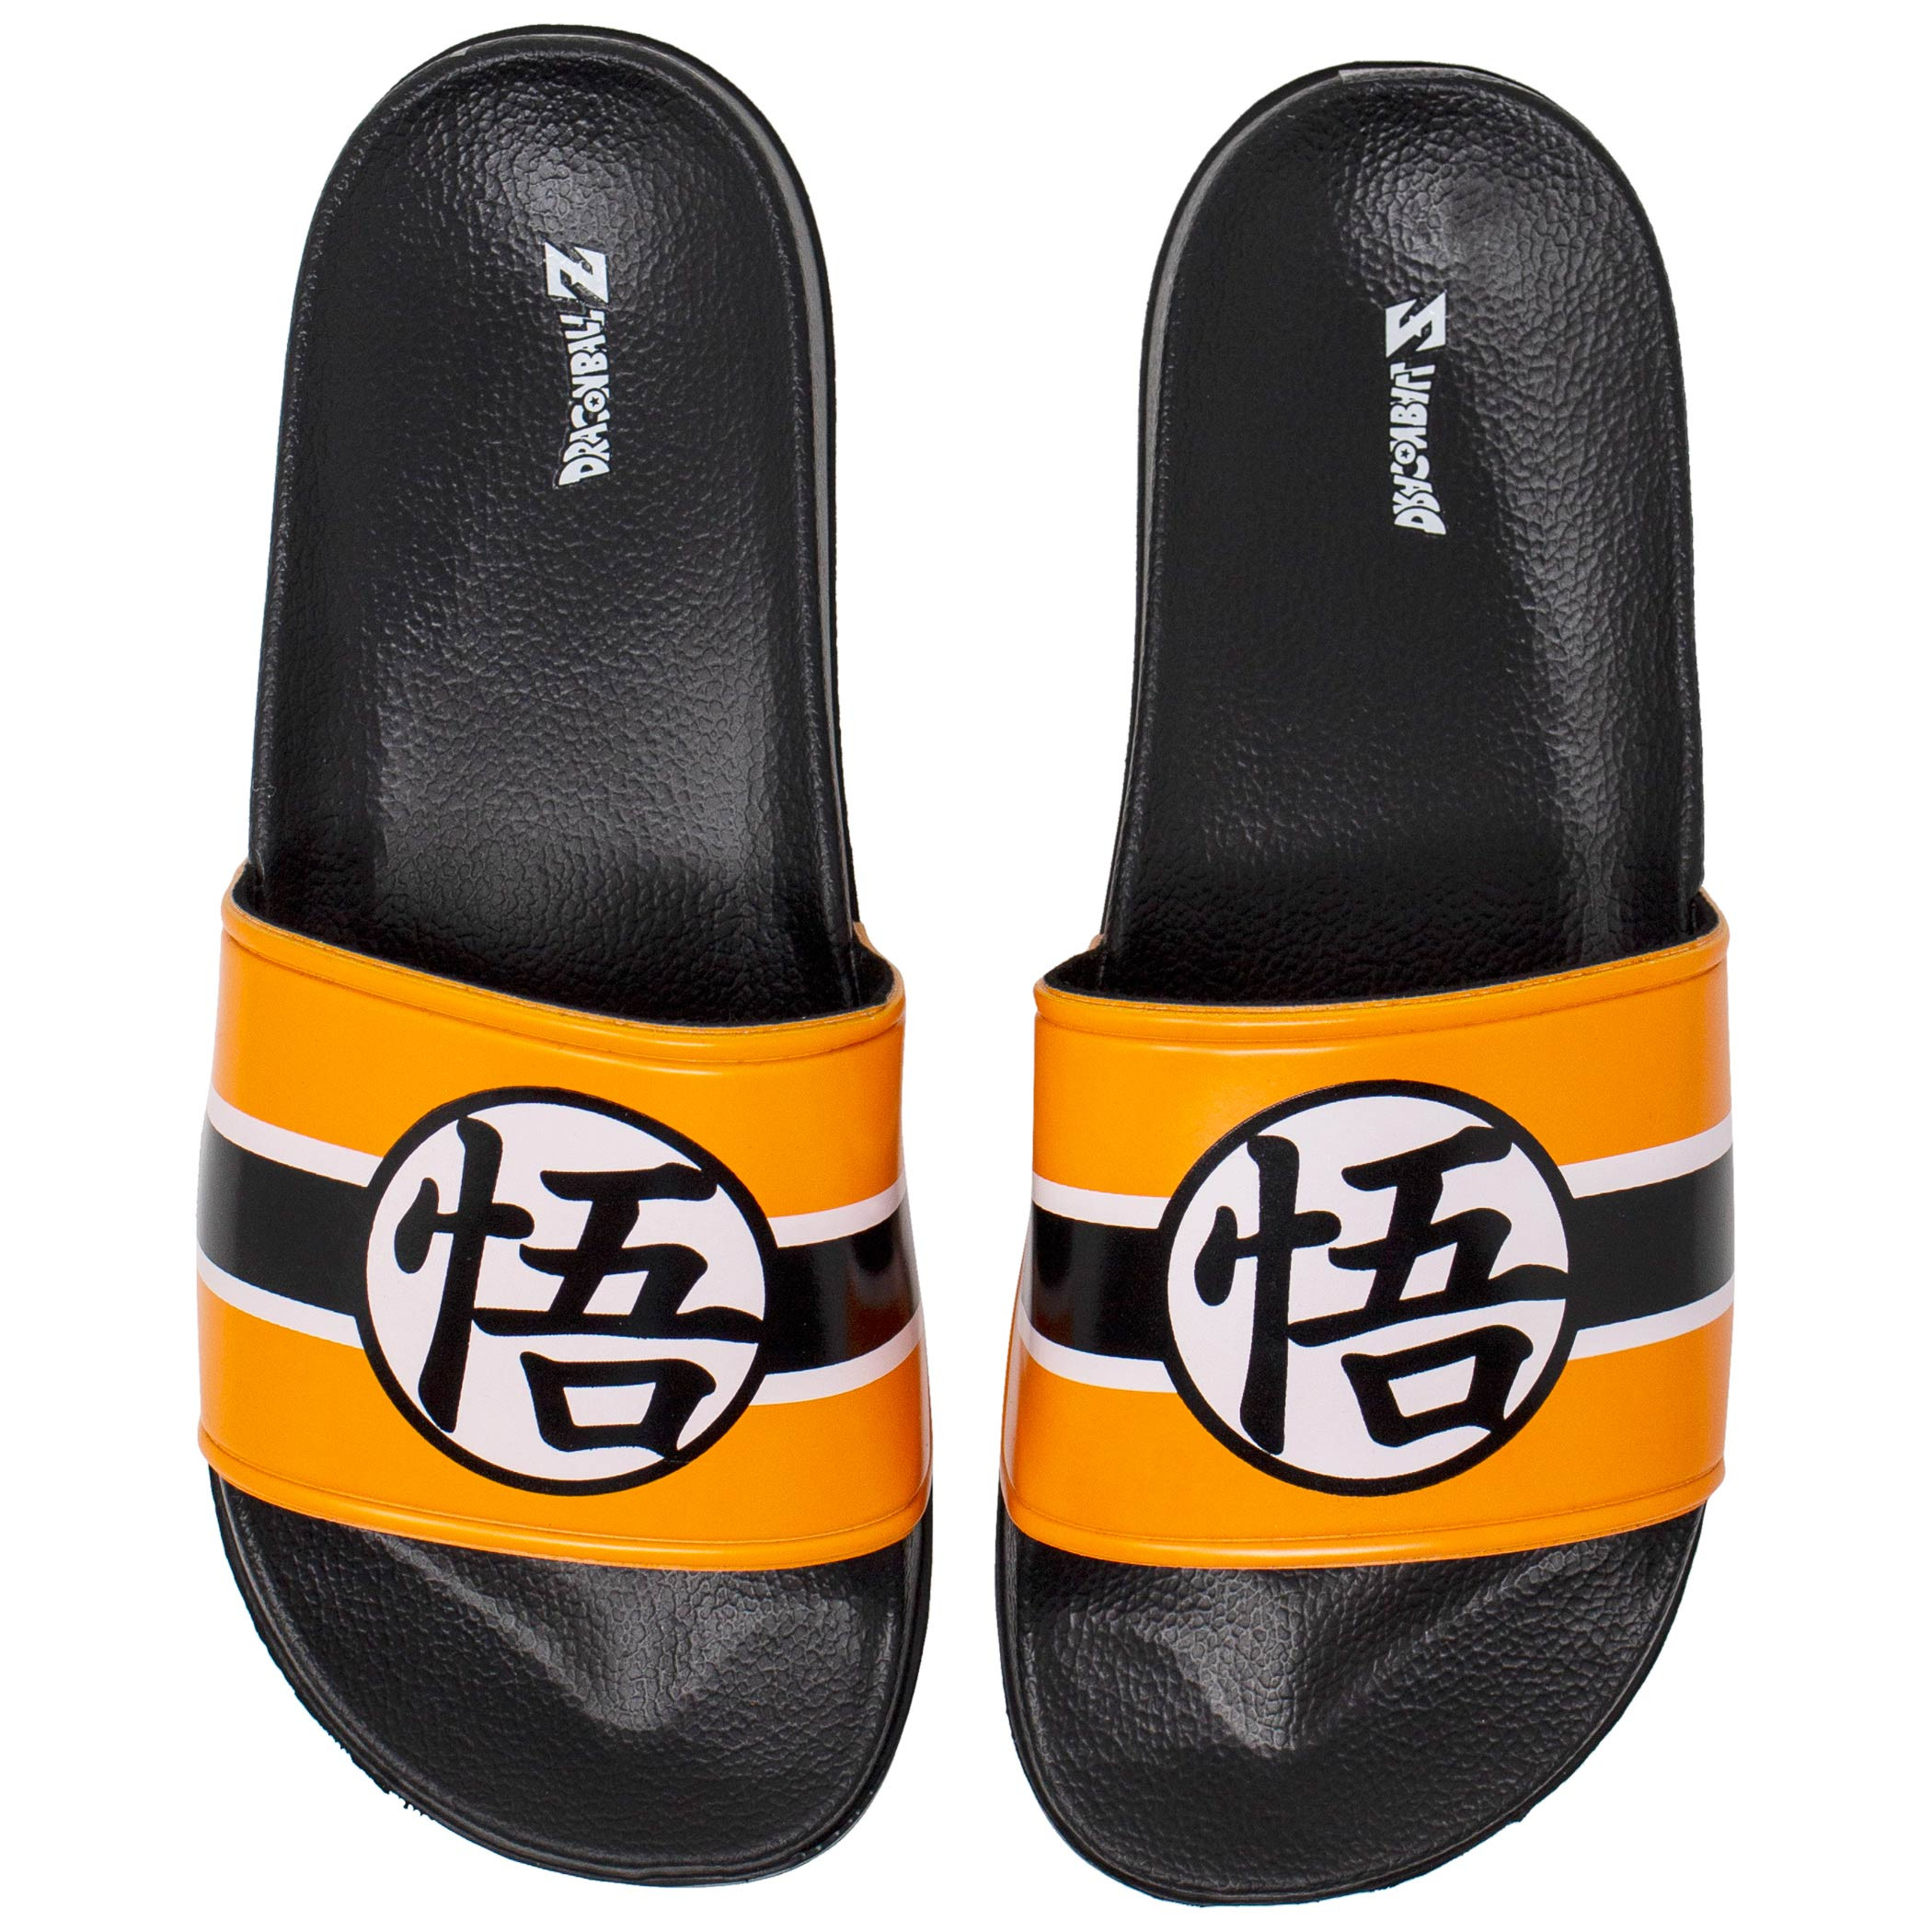 Dragon Ball Z Soccer Slides Sandals